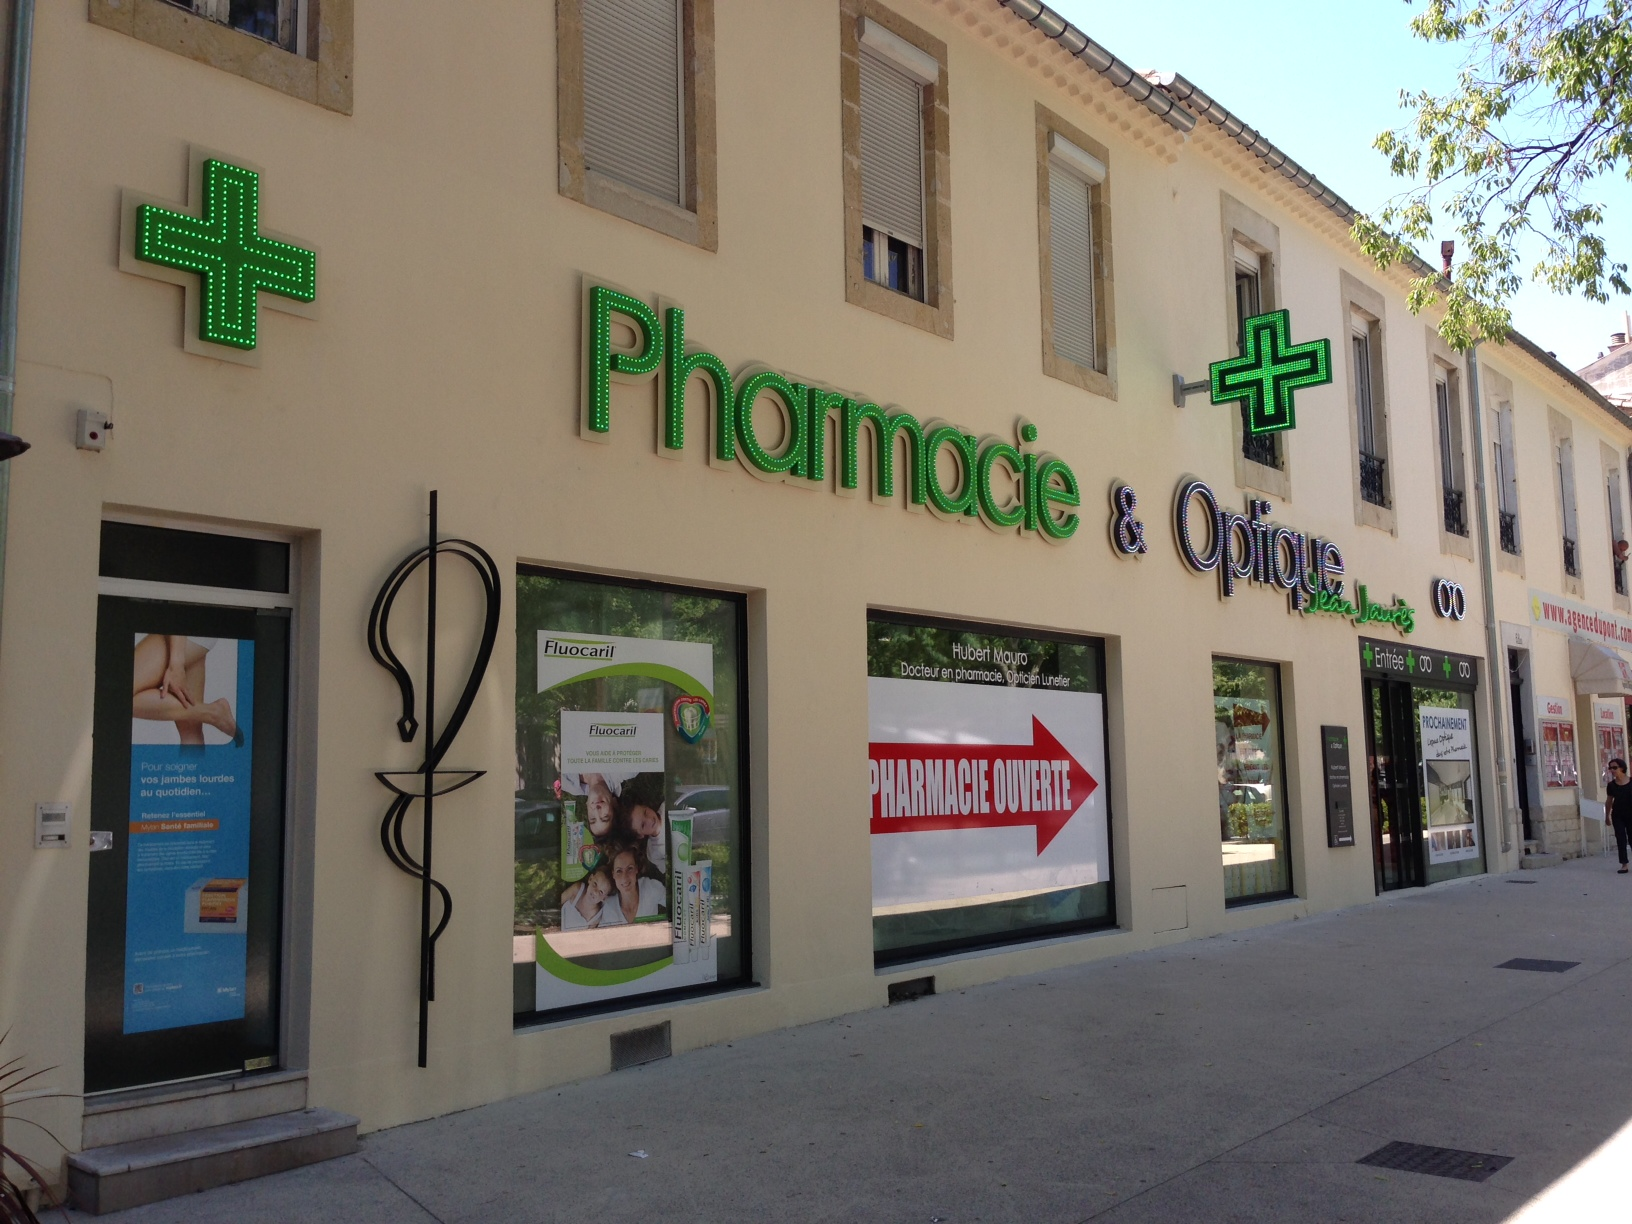 Pharmacie du Jean Jaurès